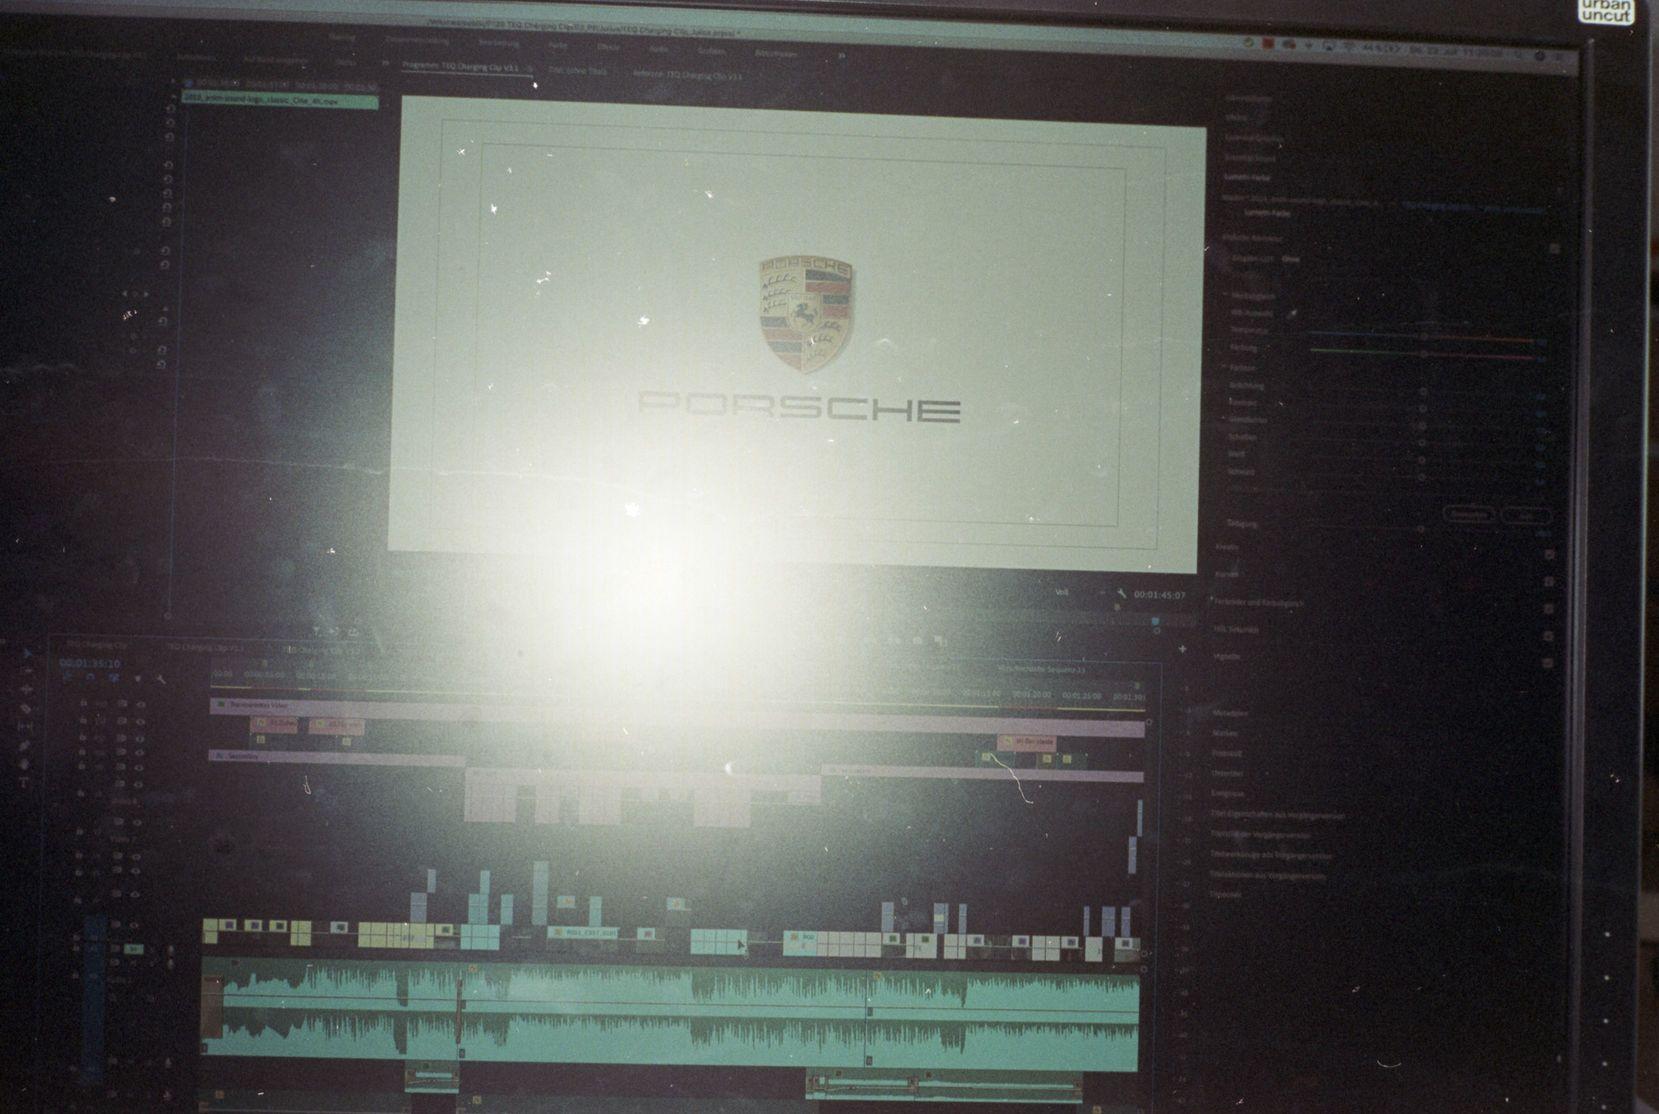 Porsche Werbefilm Filmproduktion in Stuttgart Postproduktion Julius Krebs